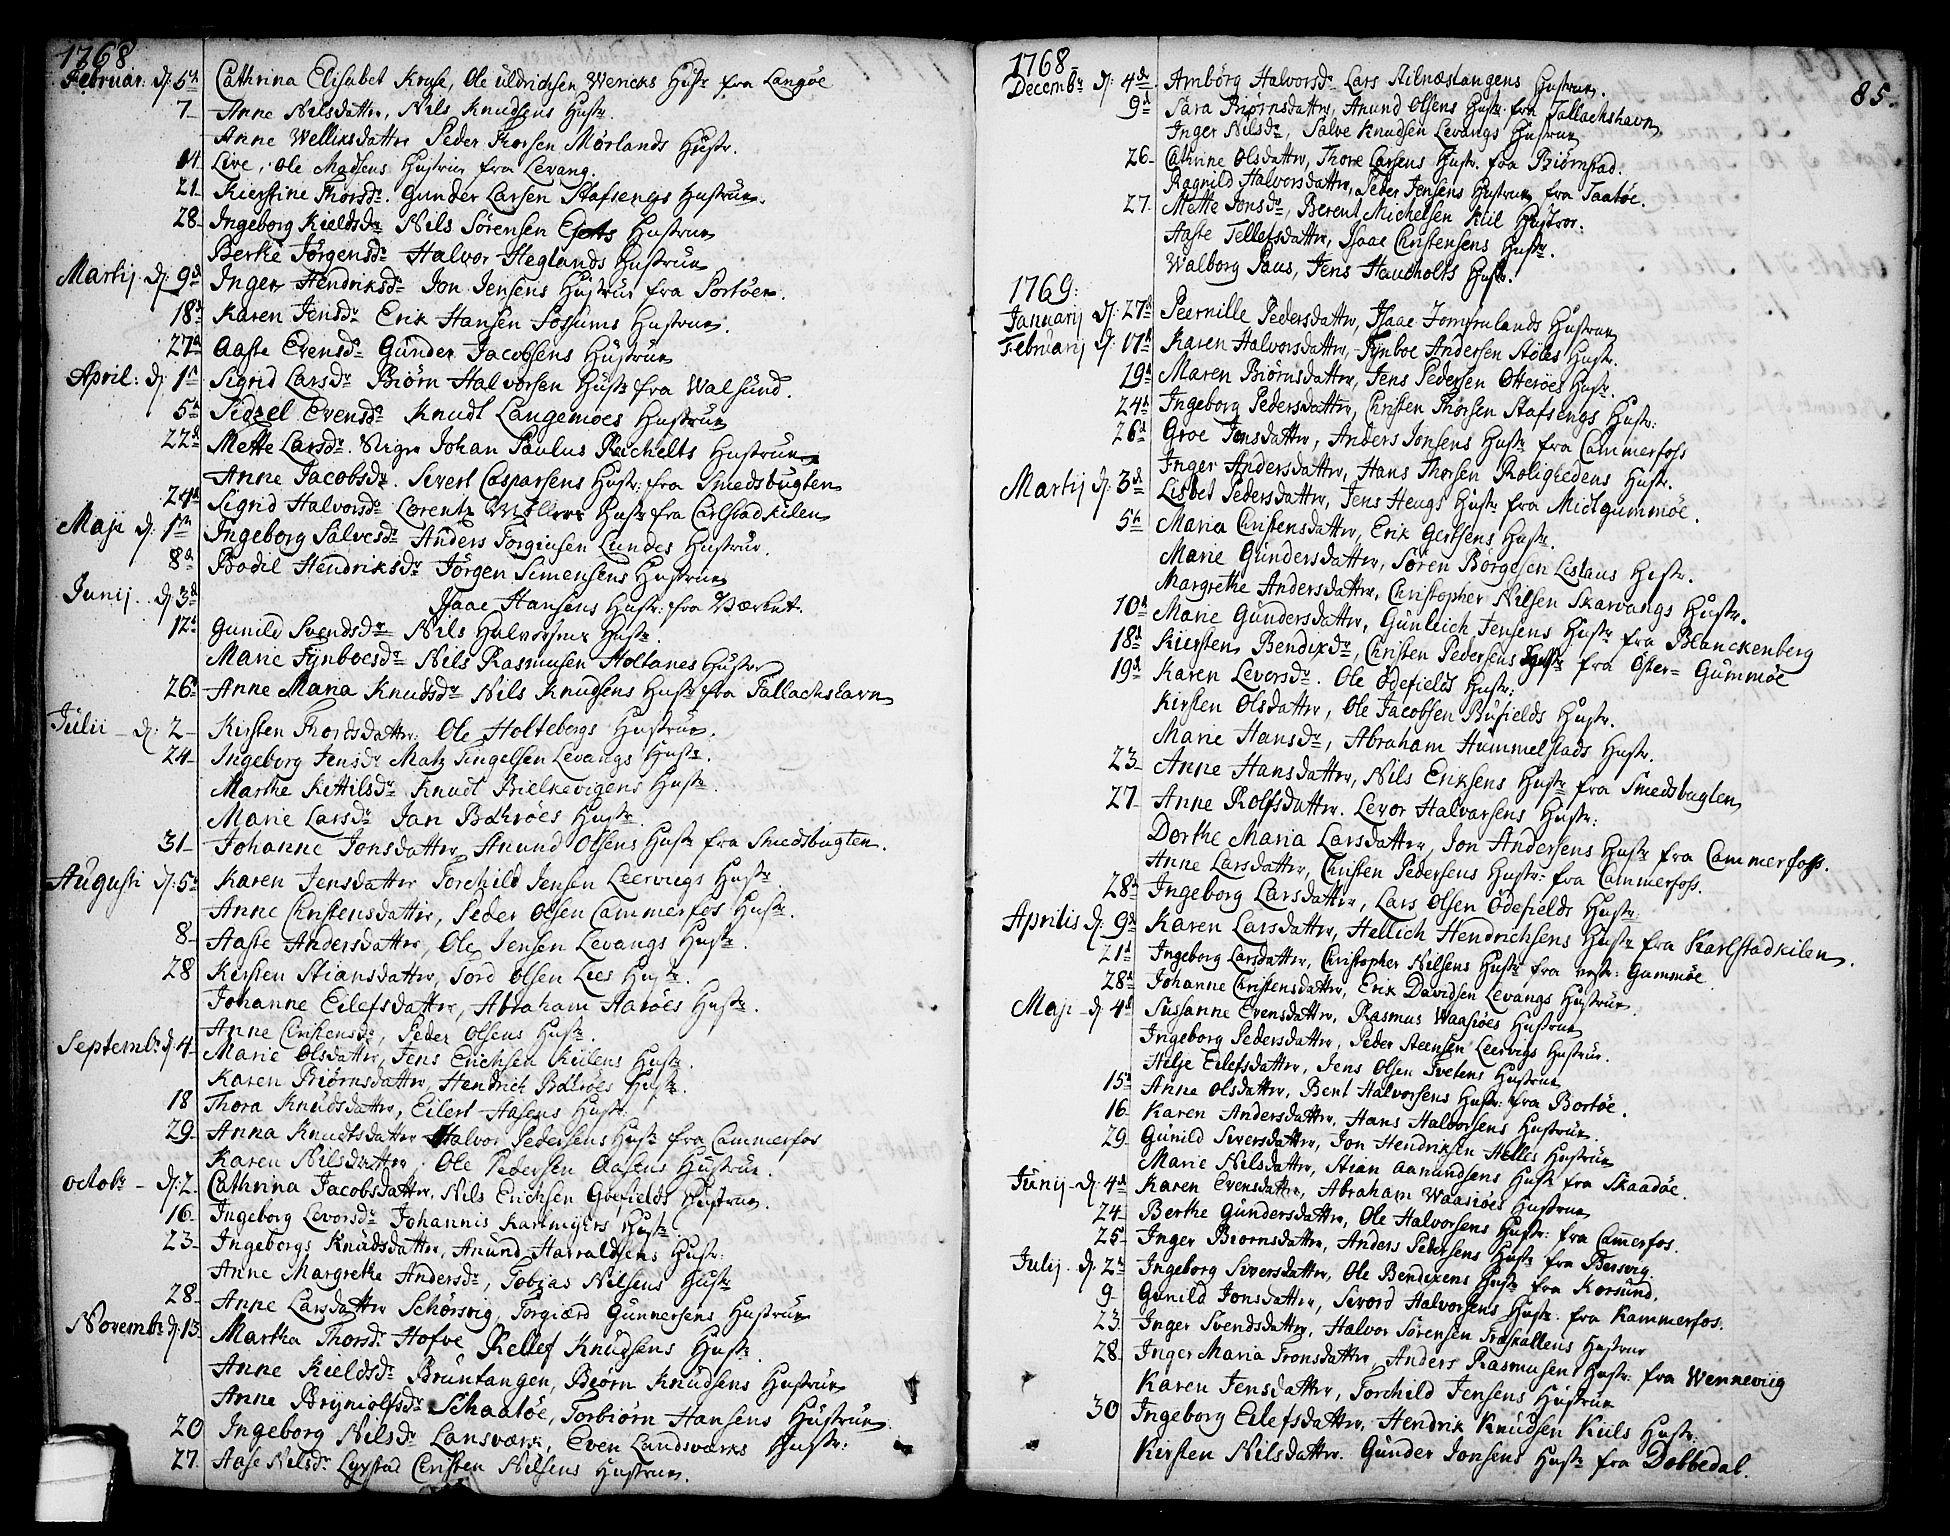 SAKO, Sannidal kirkebøker, F/Fa/L0002: Ministerialbok nr. 2, 1767-1802, s. 85